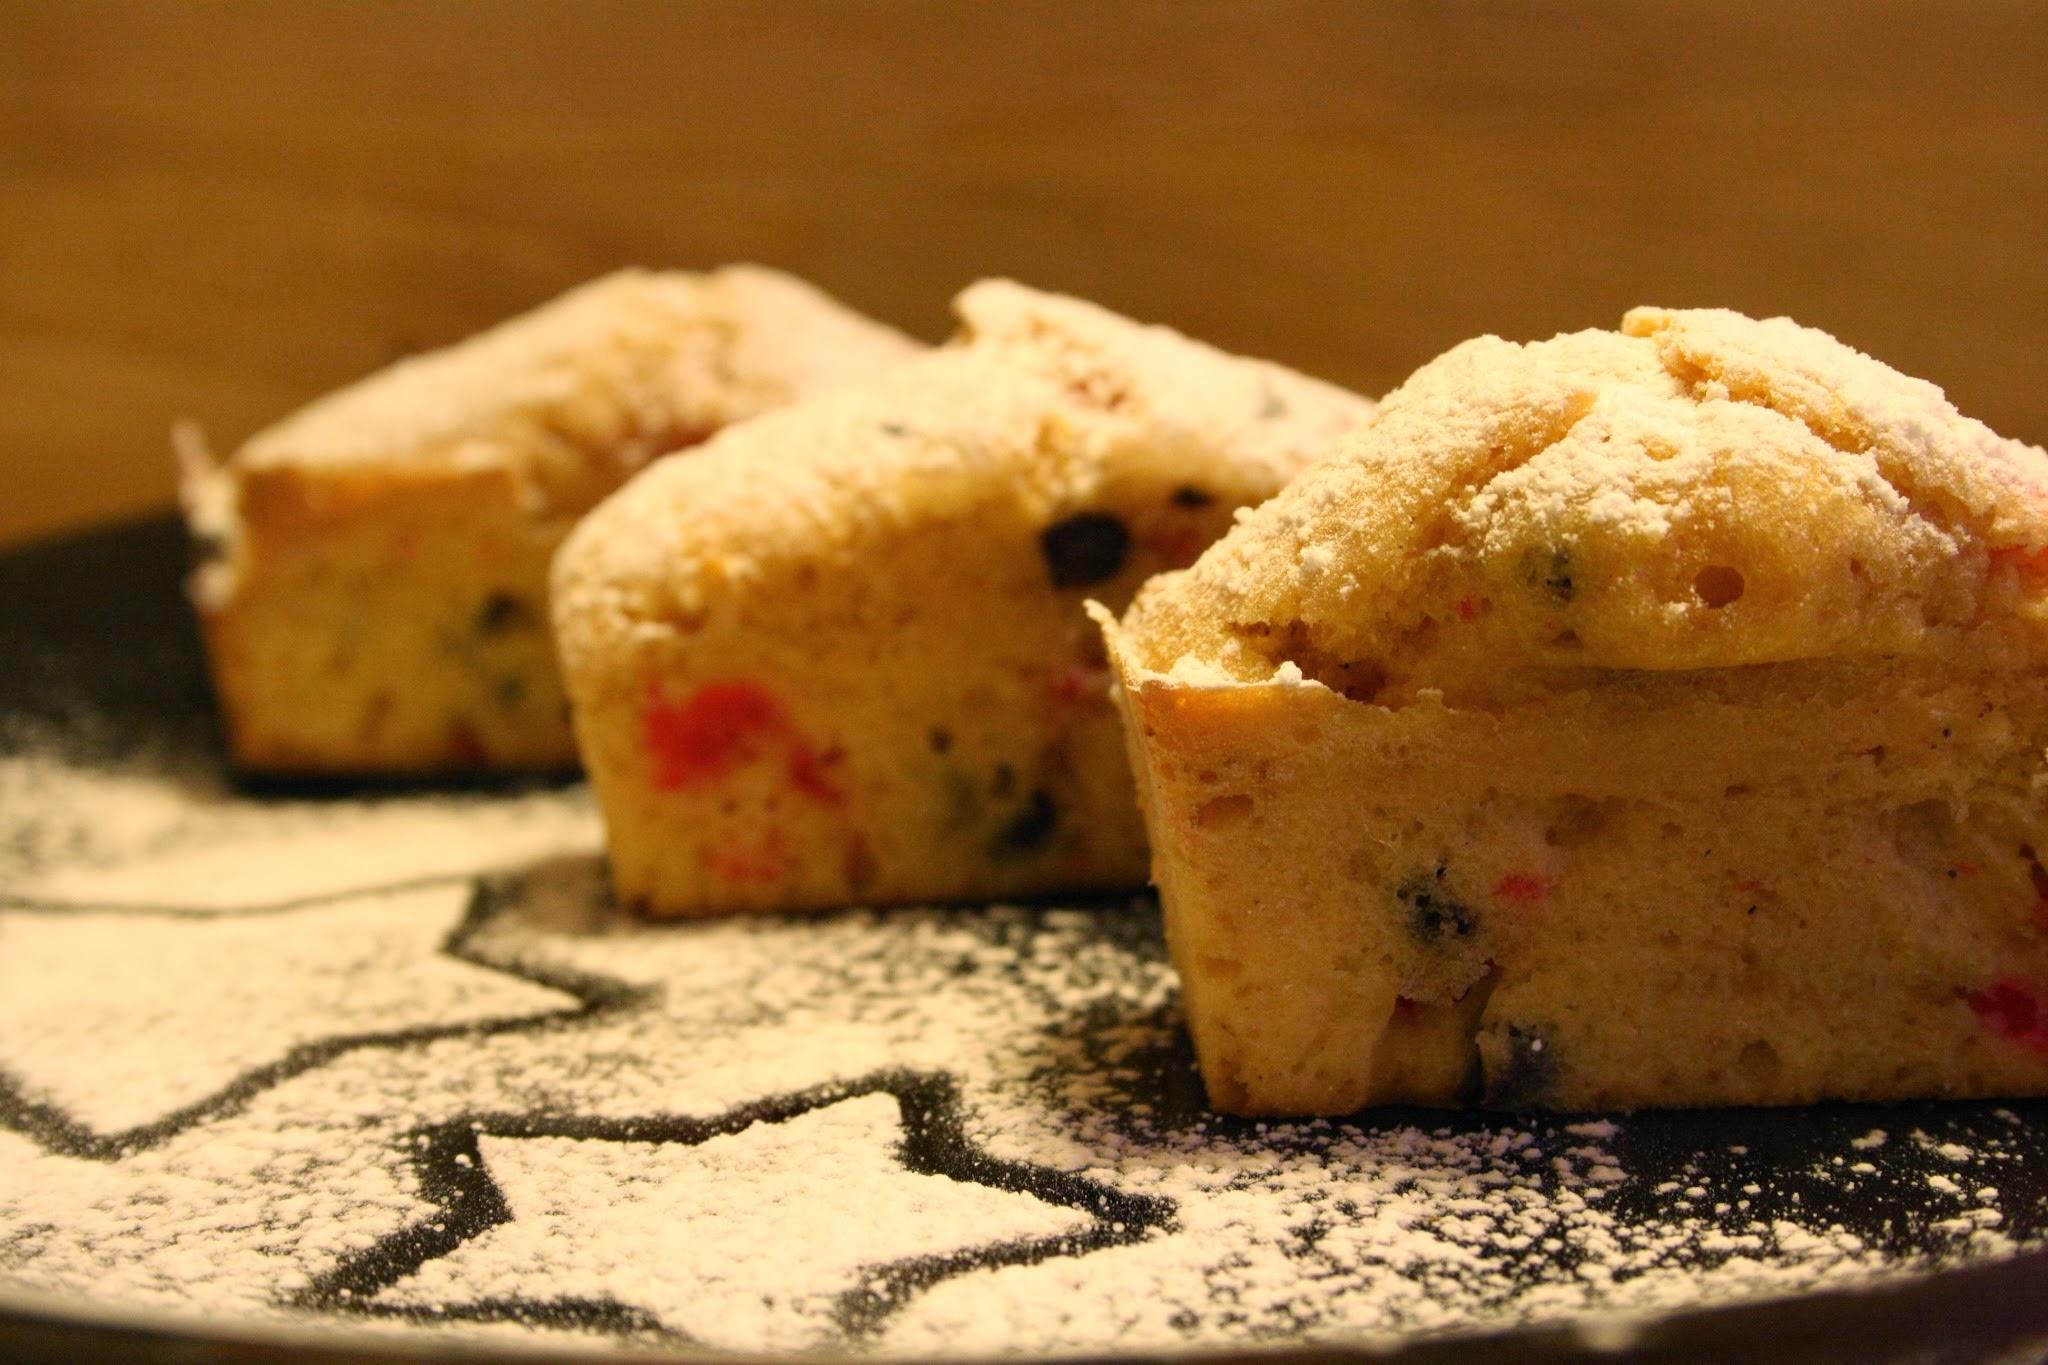 Plumcherry, dei morbidissimi plumcake con ciliege e cioccolato fondente